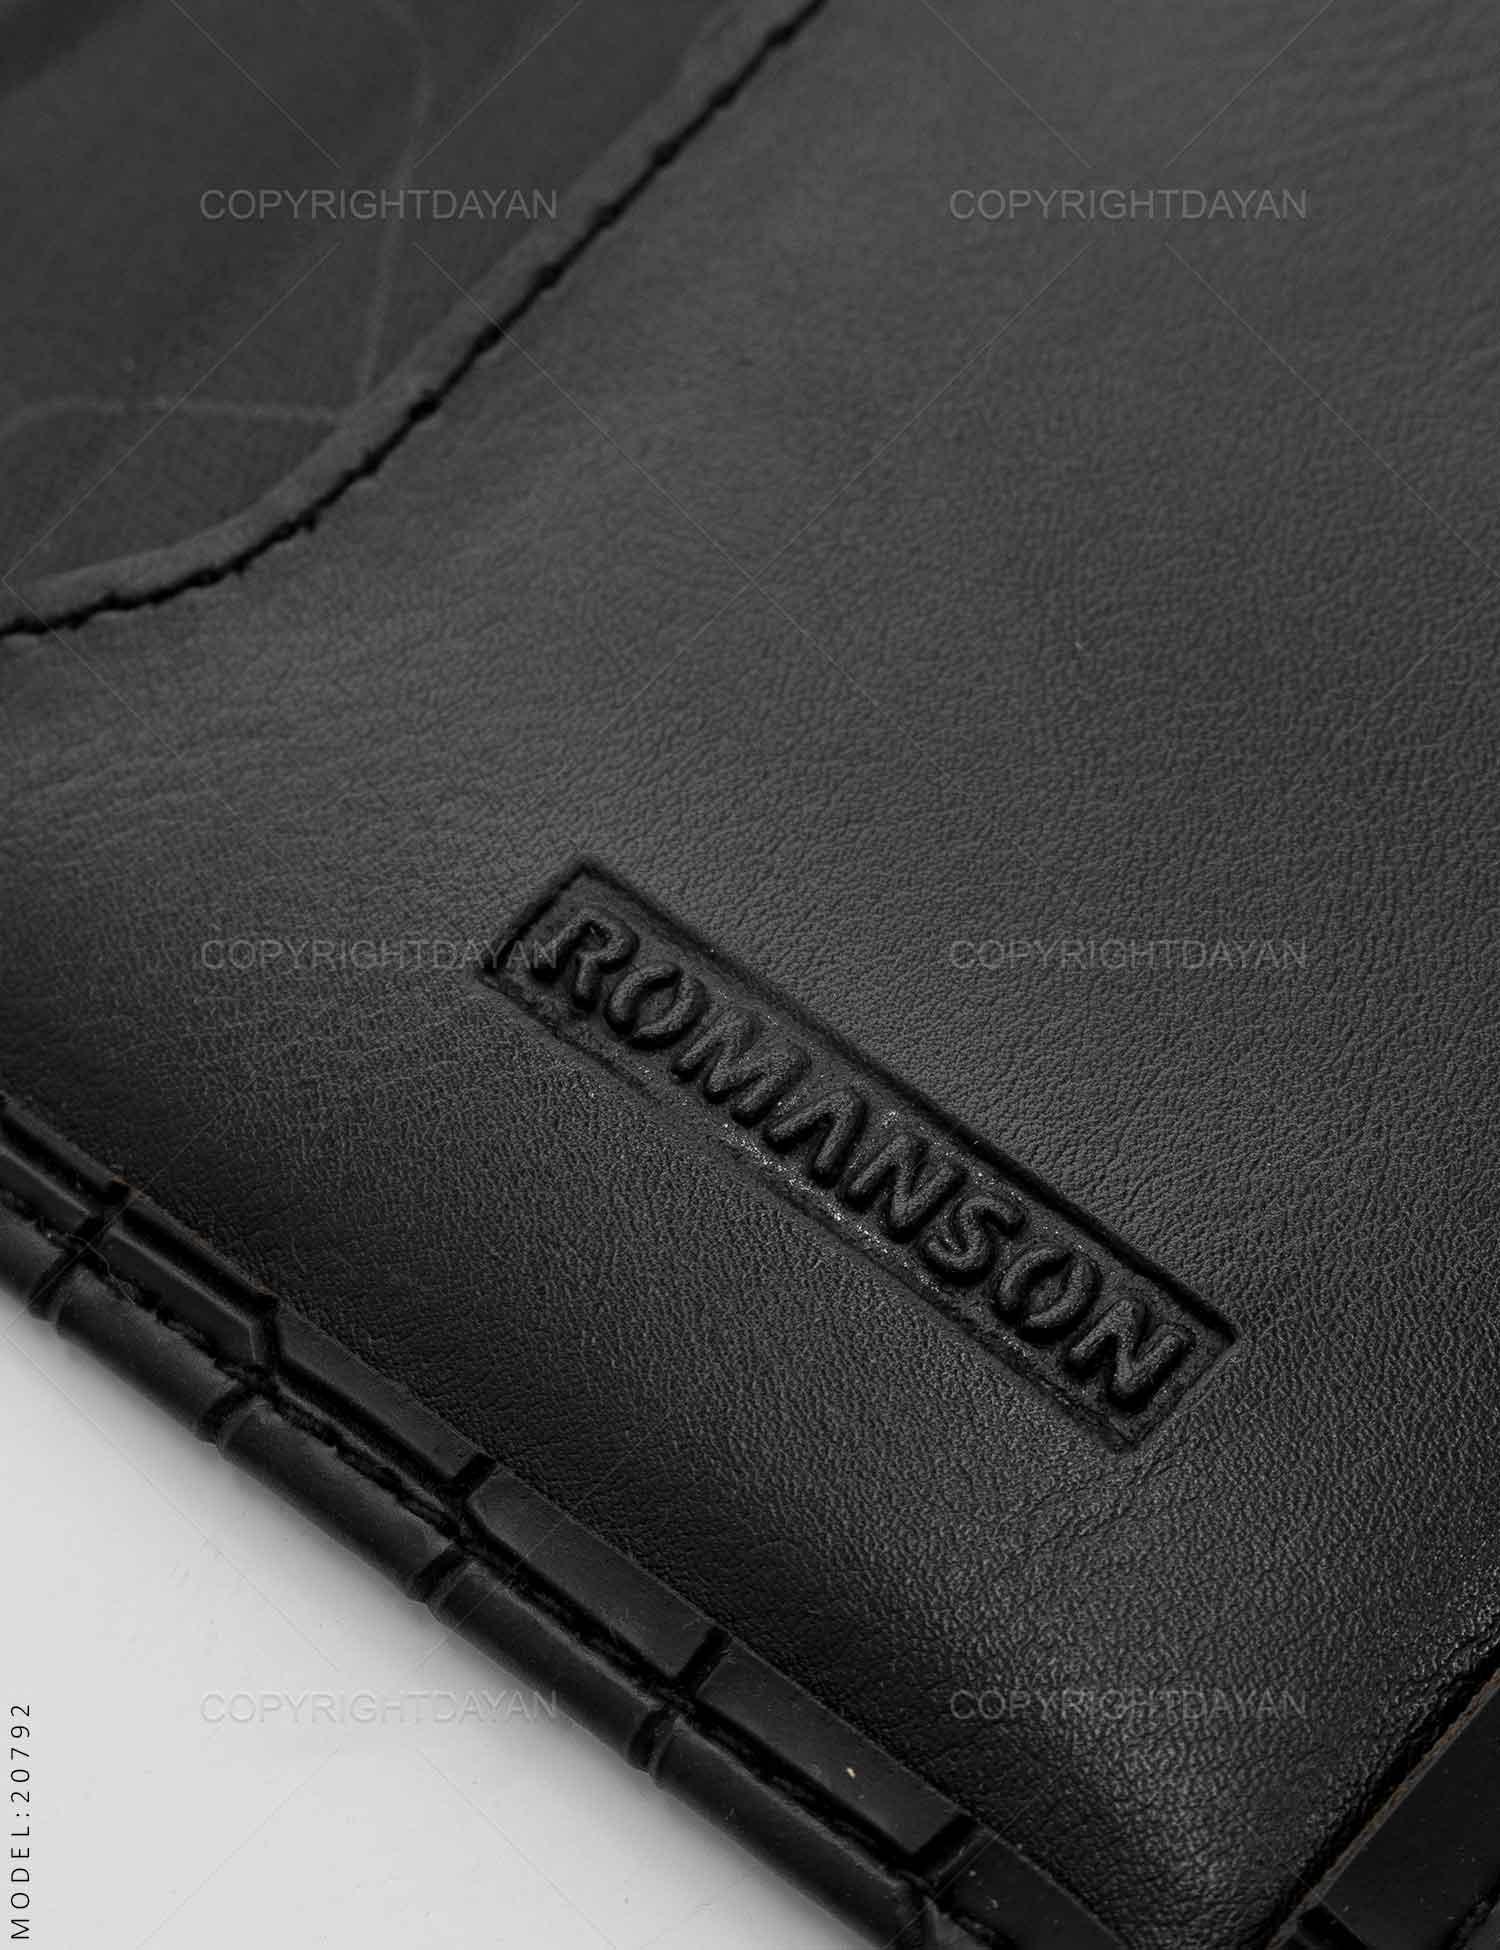 ست چرمی Romanson مدل 20792